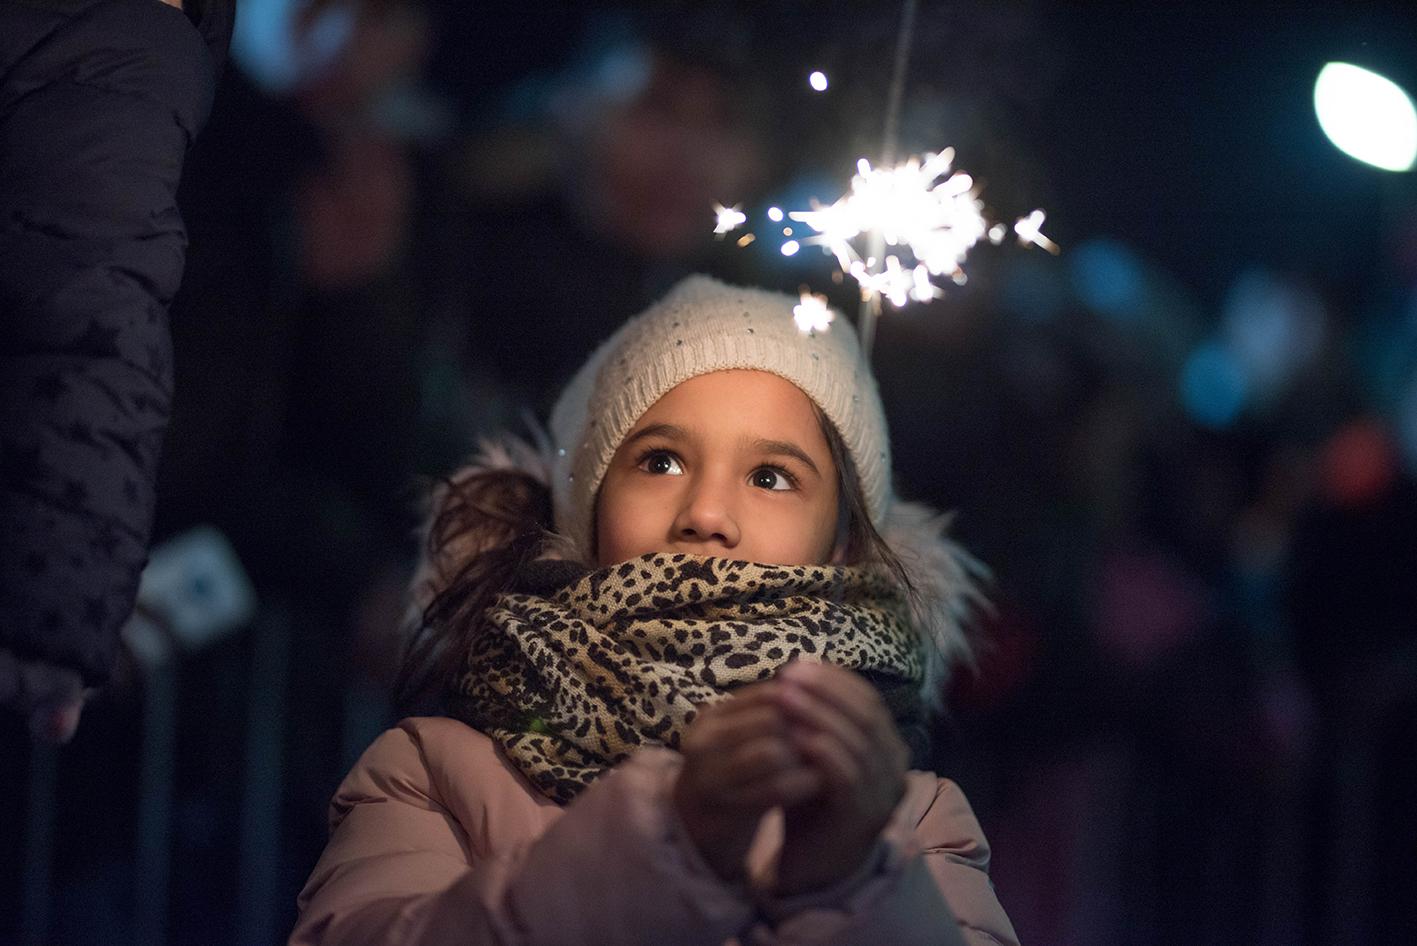 5 Romski Mikołaj: Zobacz iskierki szczęścia w małych oczkach [ZDJĘCIA+VIDEO] - Zdjęcie główne